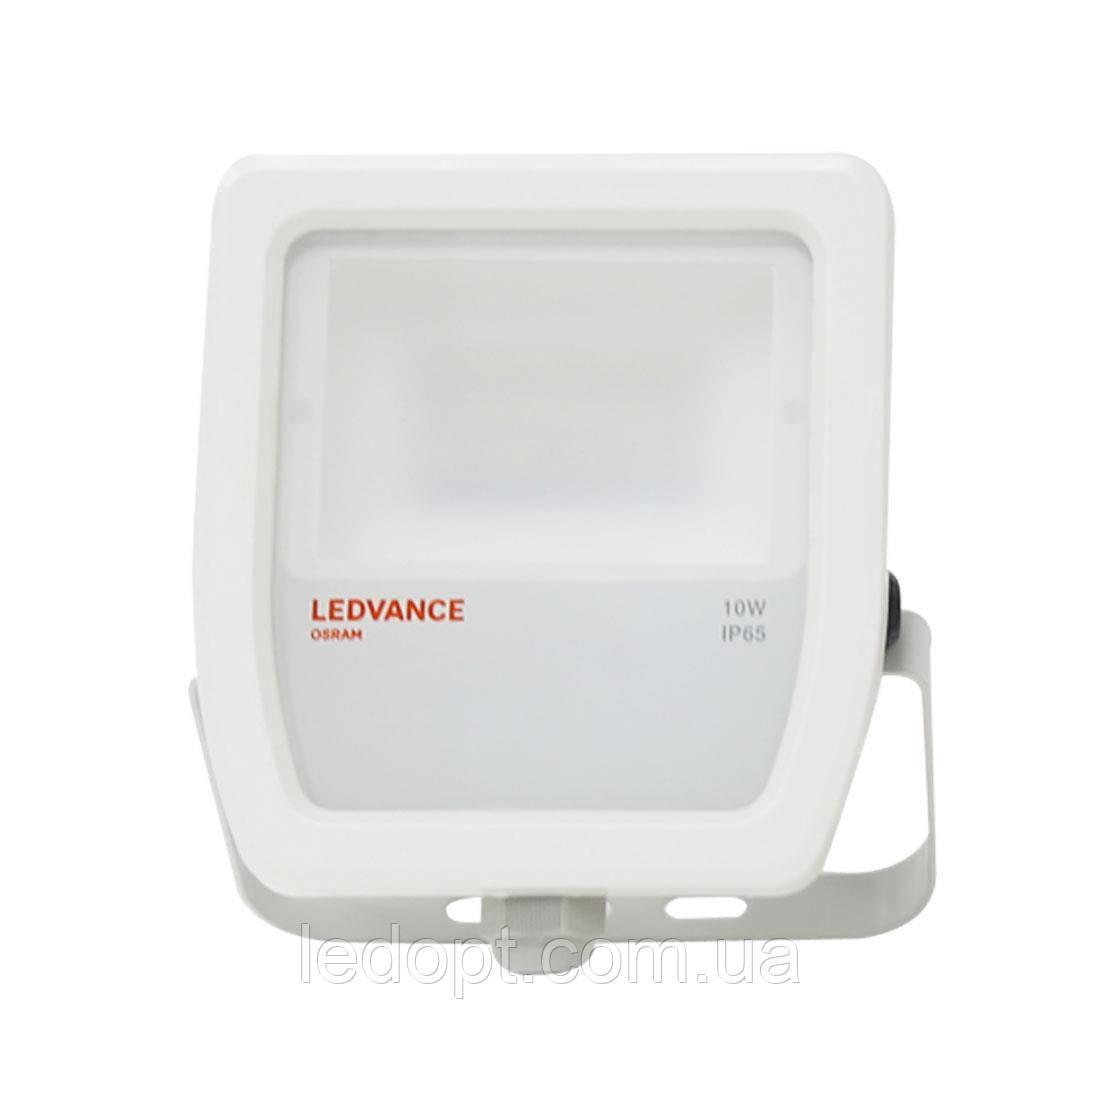 Светодиодный прожектор LEDVANCE OSRAM 10W 3000К IP65 White